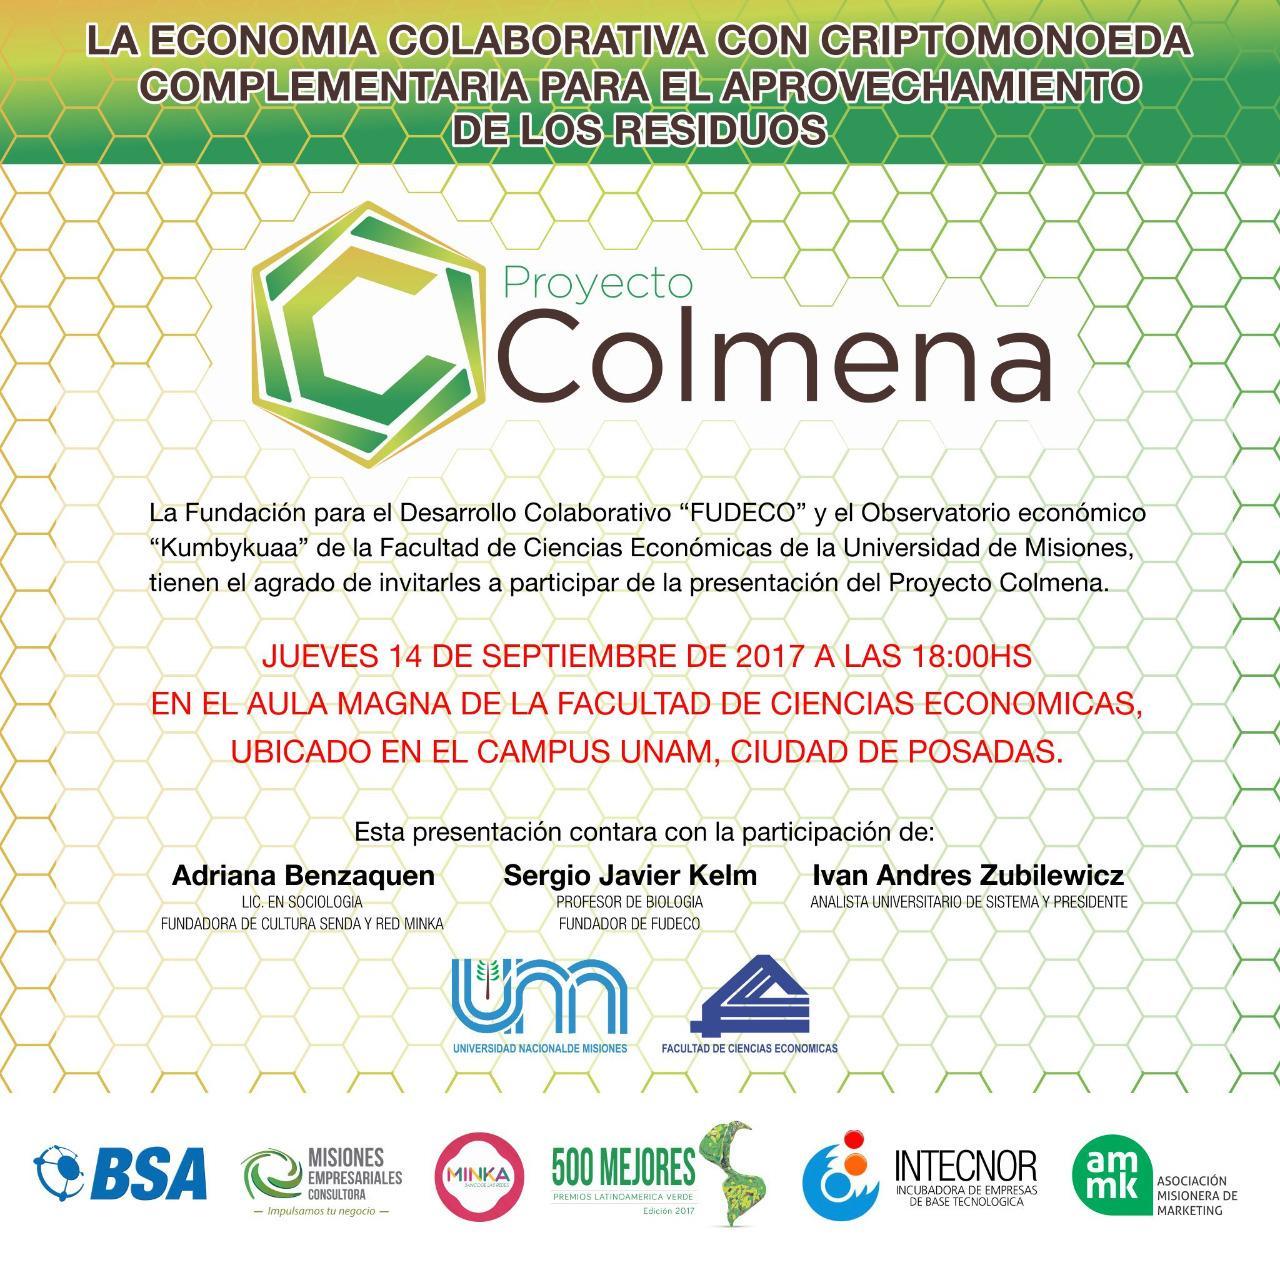 """Se presentará el """"Proyecto Colmena"""", un sistema de economía colaborativa para el aprovechamiento de los residuos"""